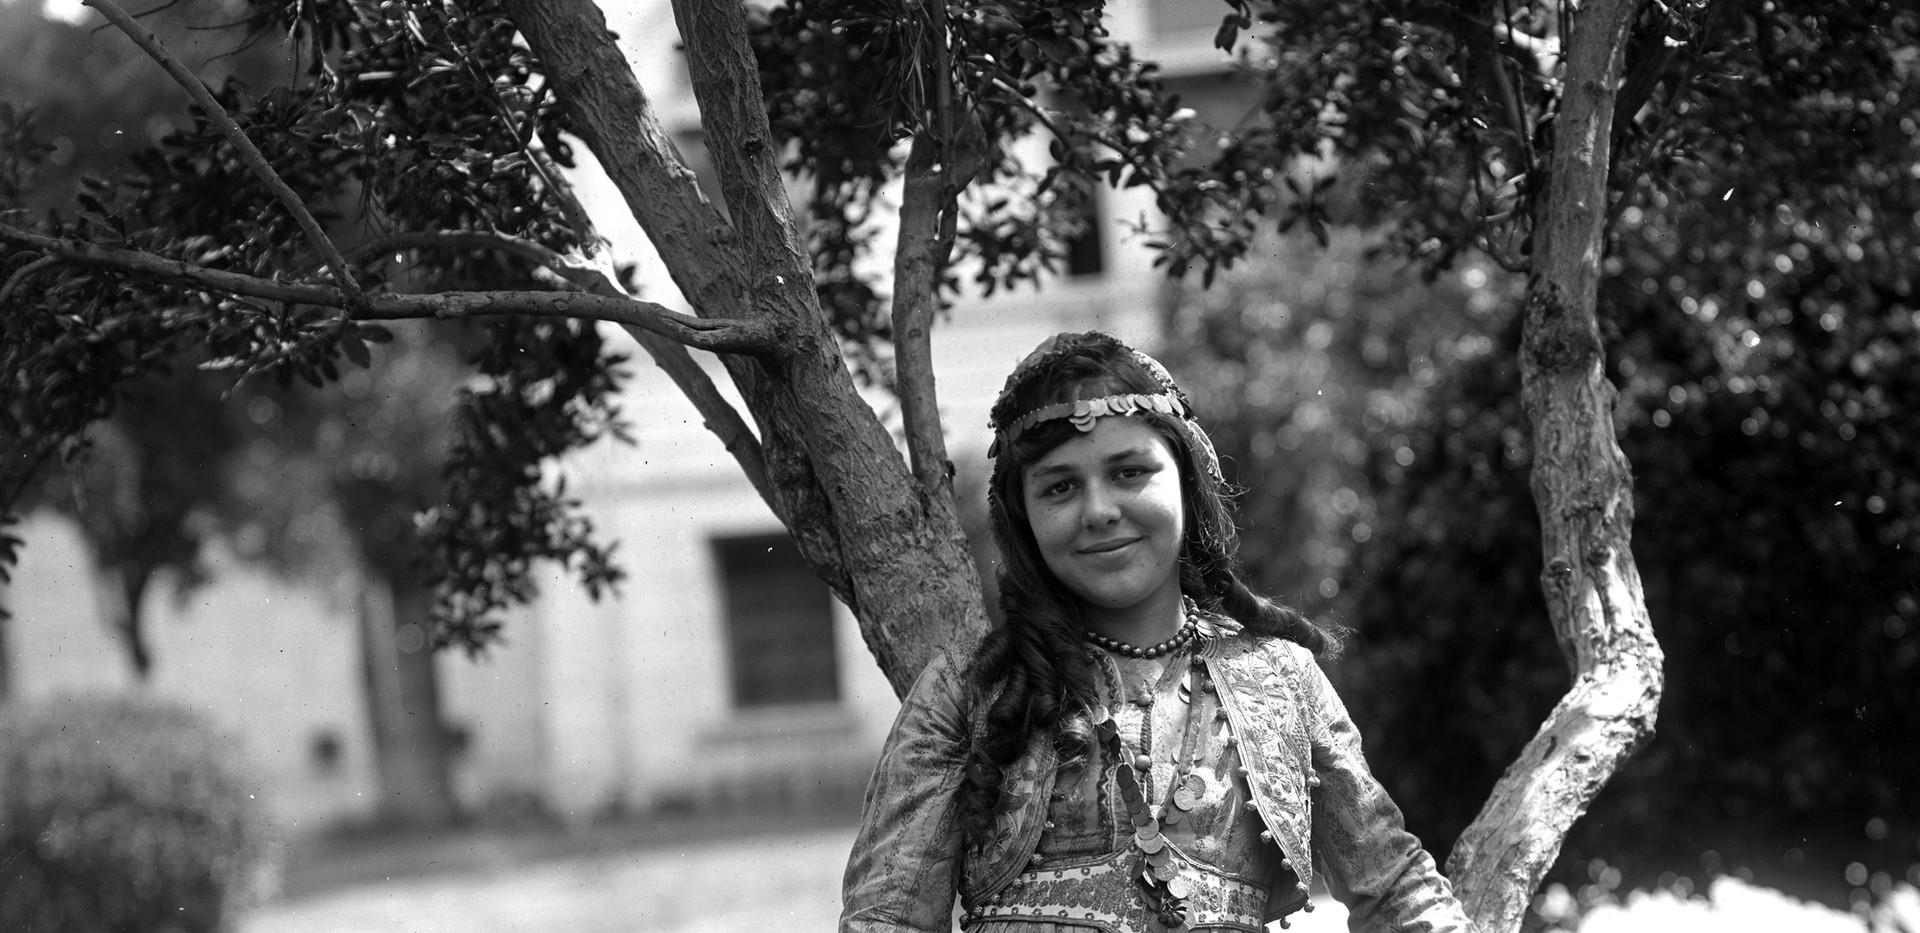 July 1,1918, Miss A Seropian